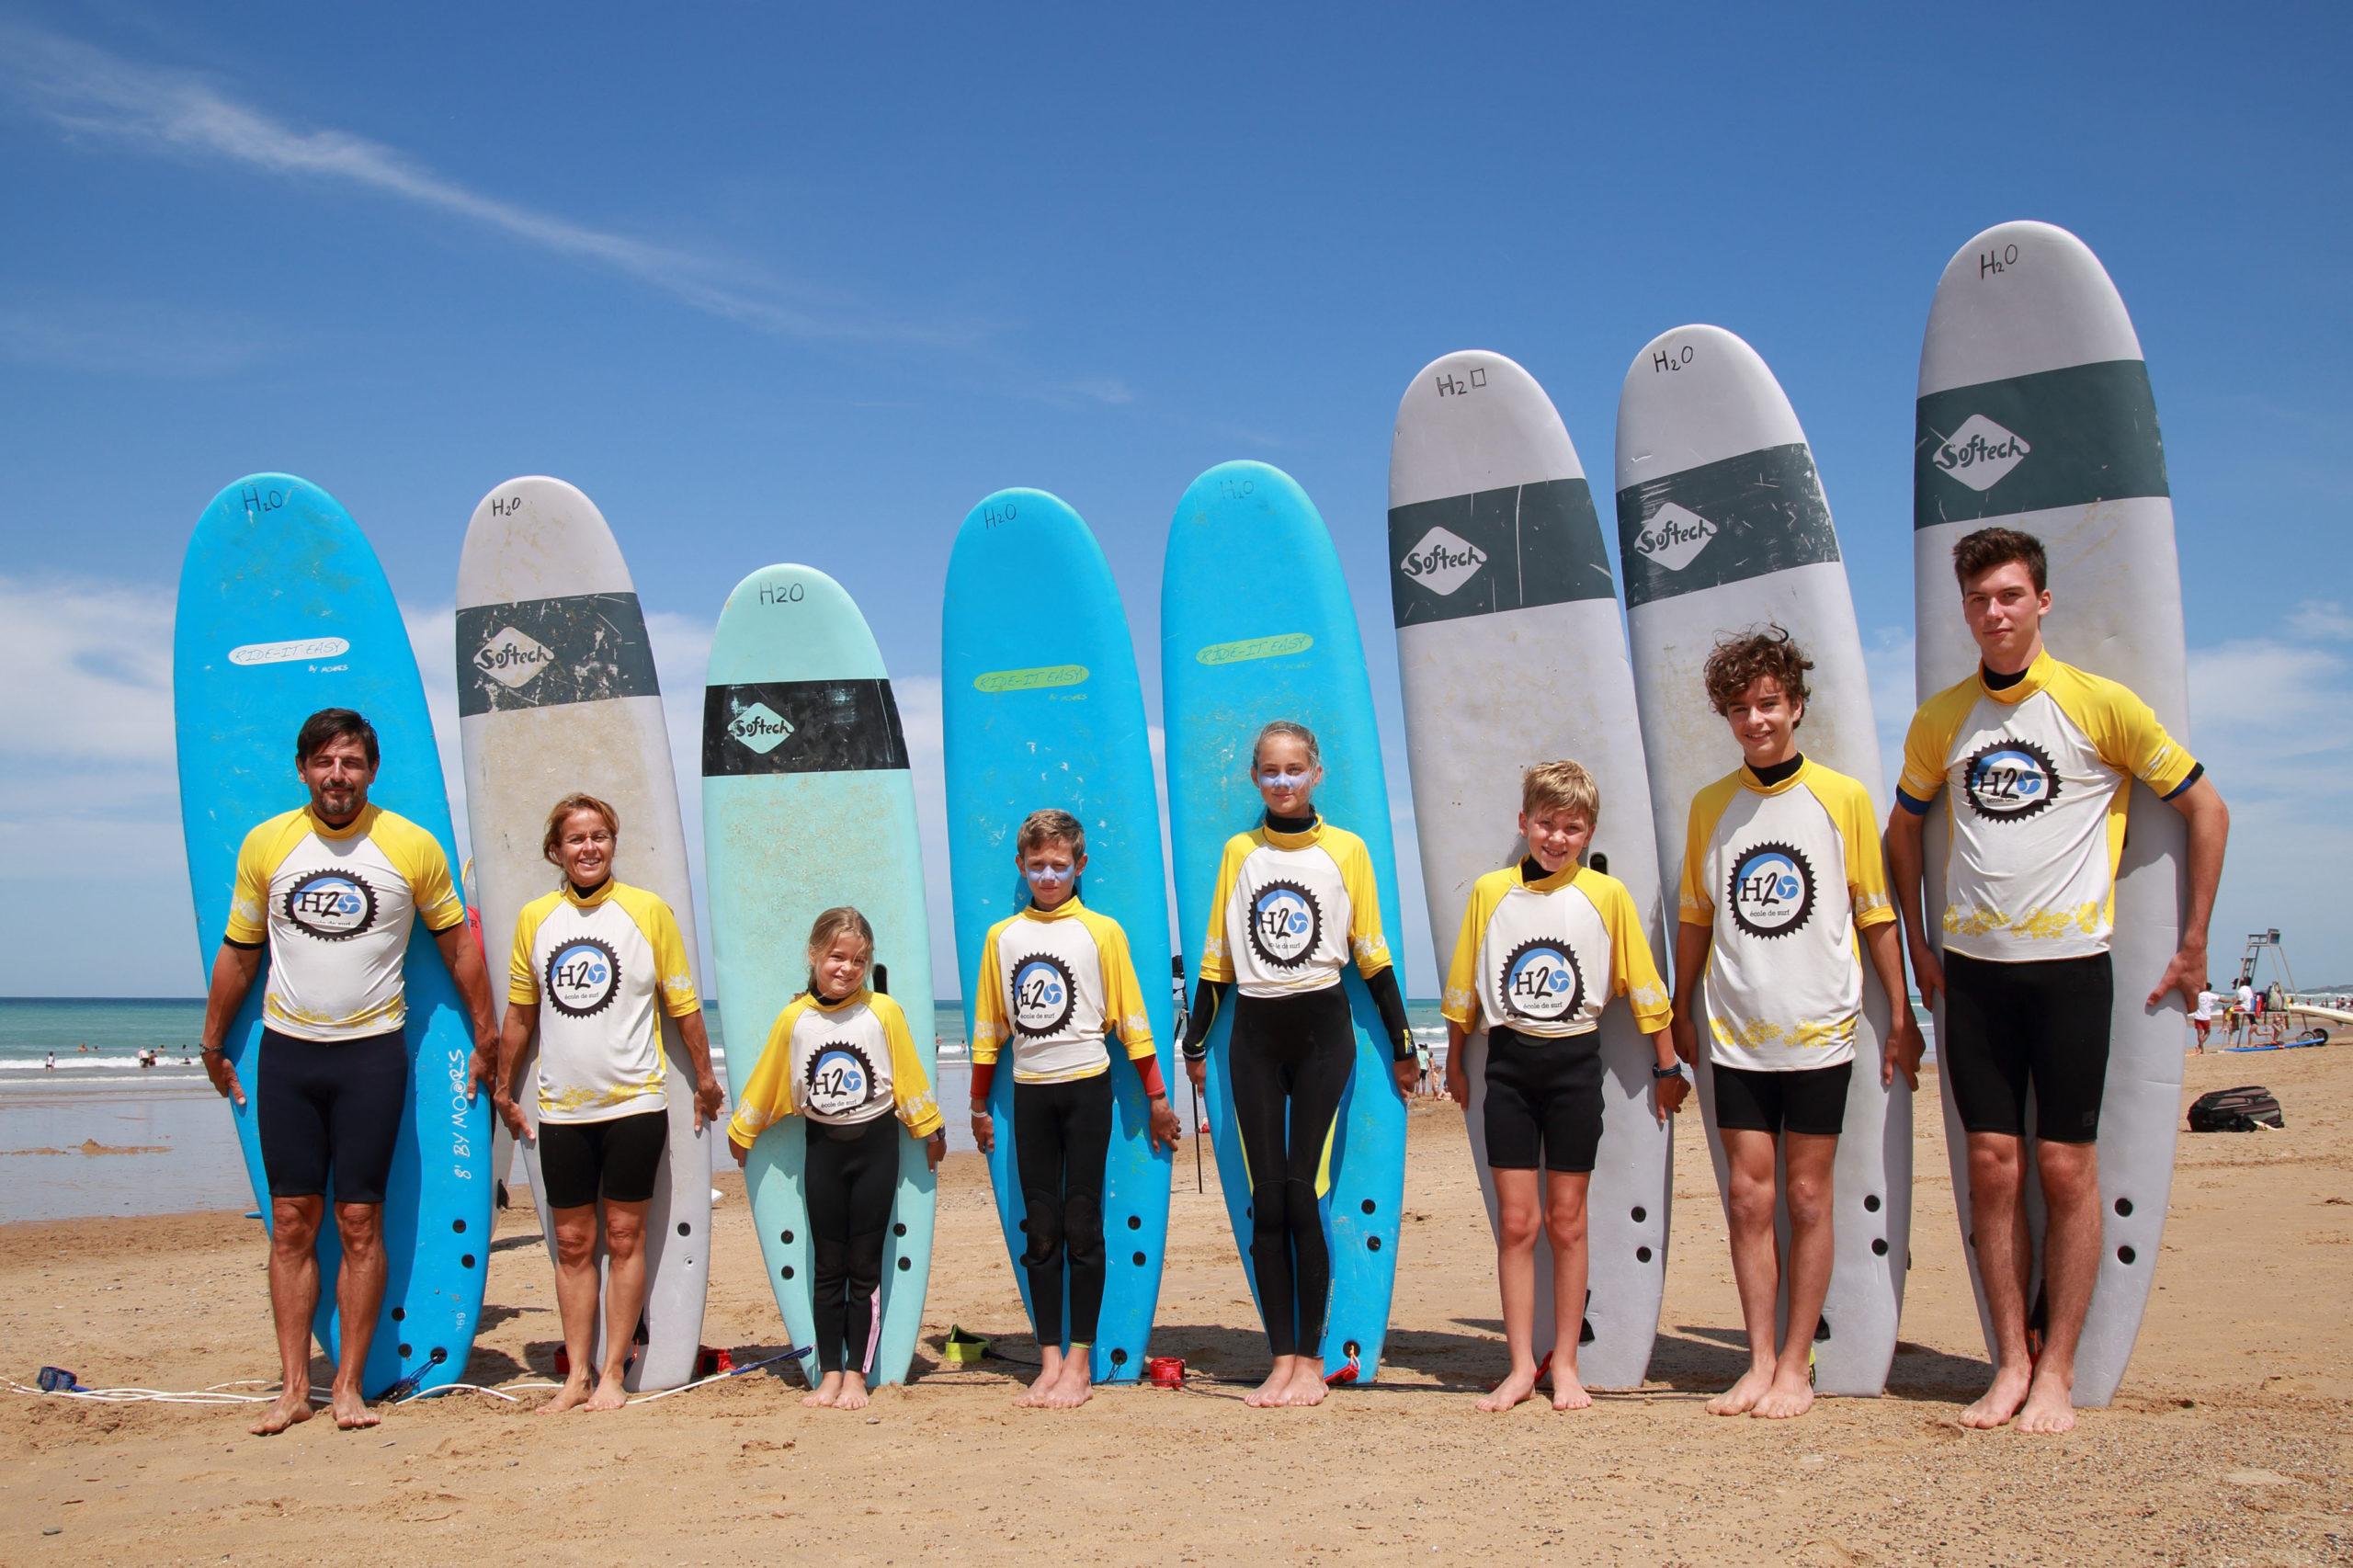 Cours de Surf Anglet Chambre d'Amour